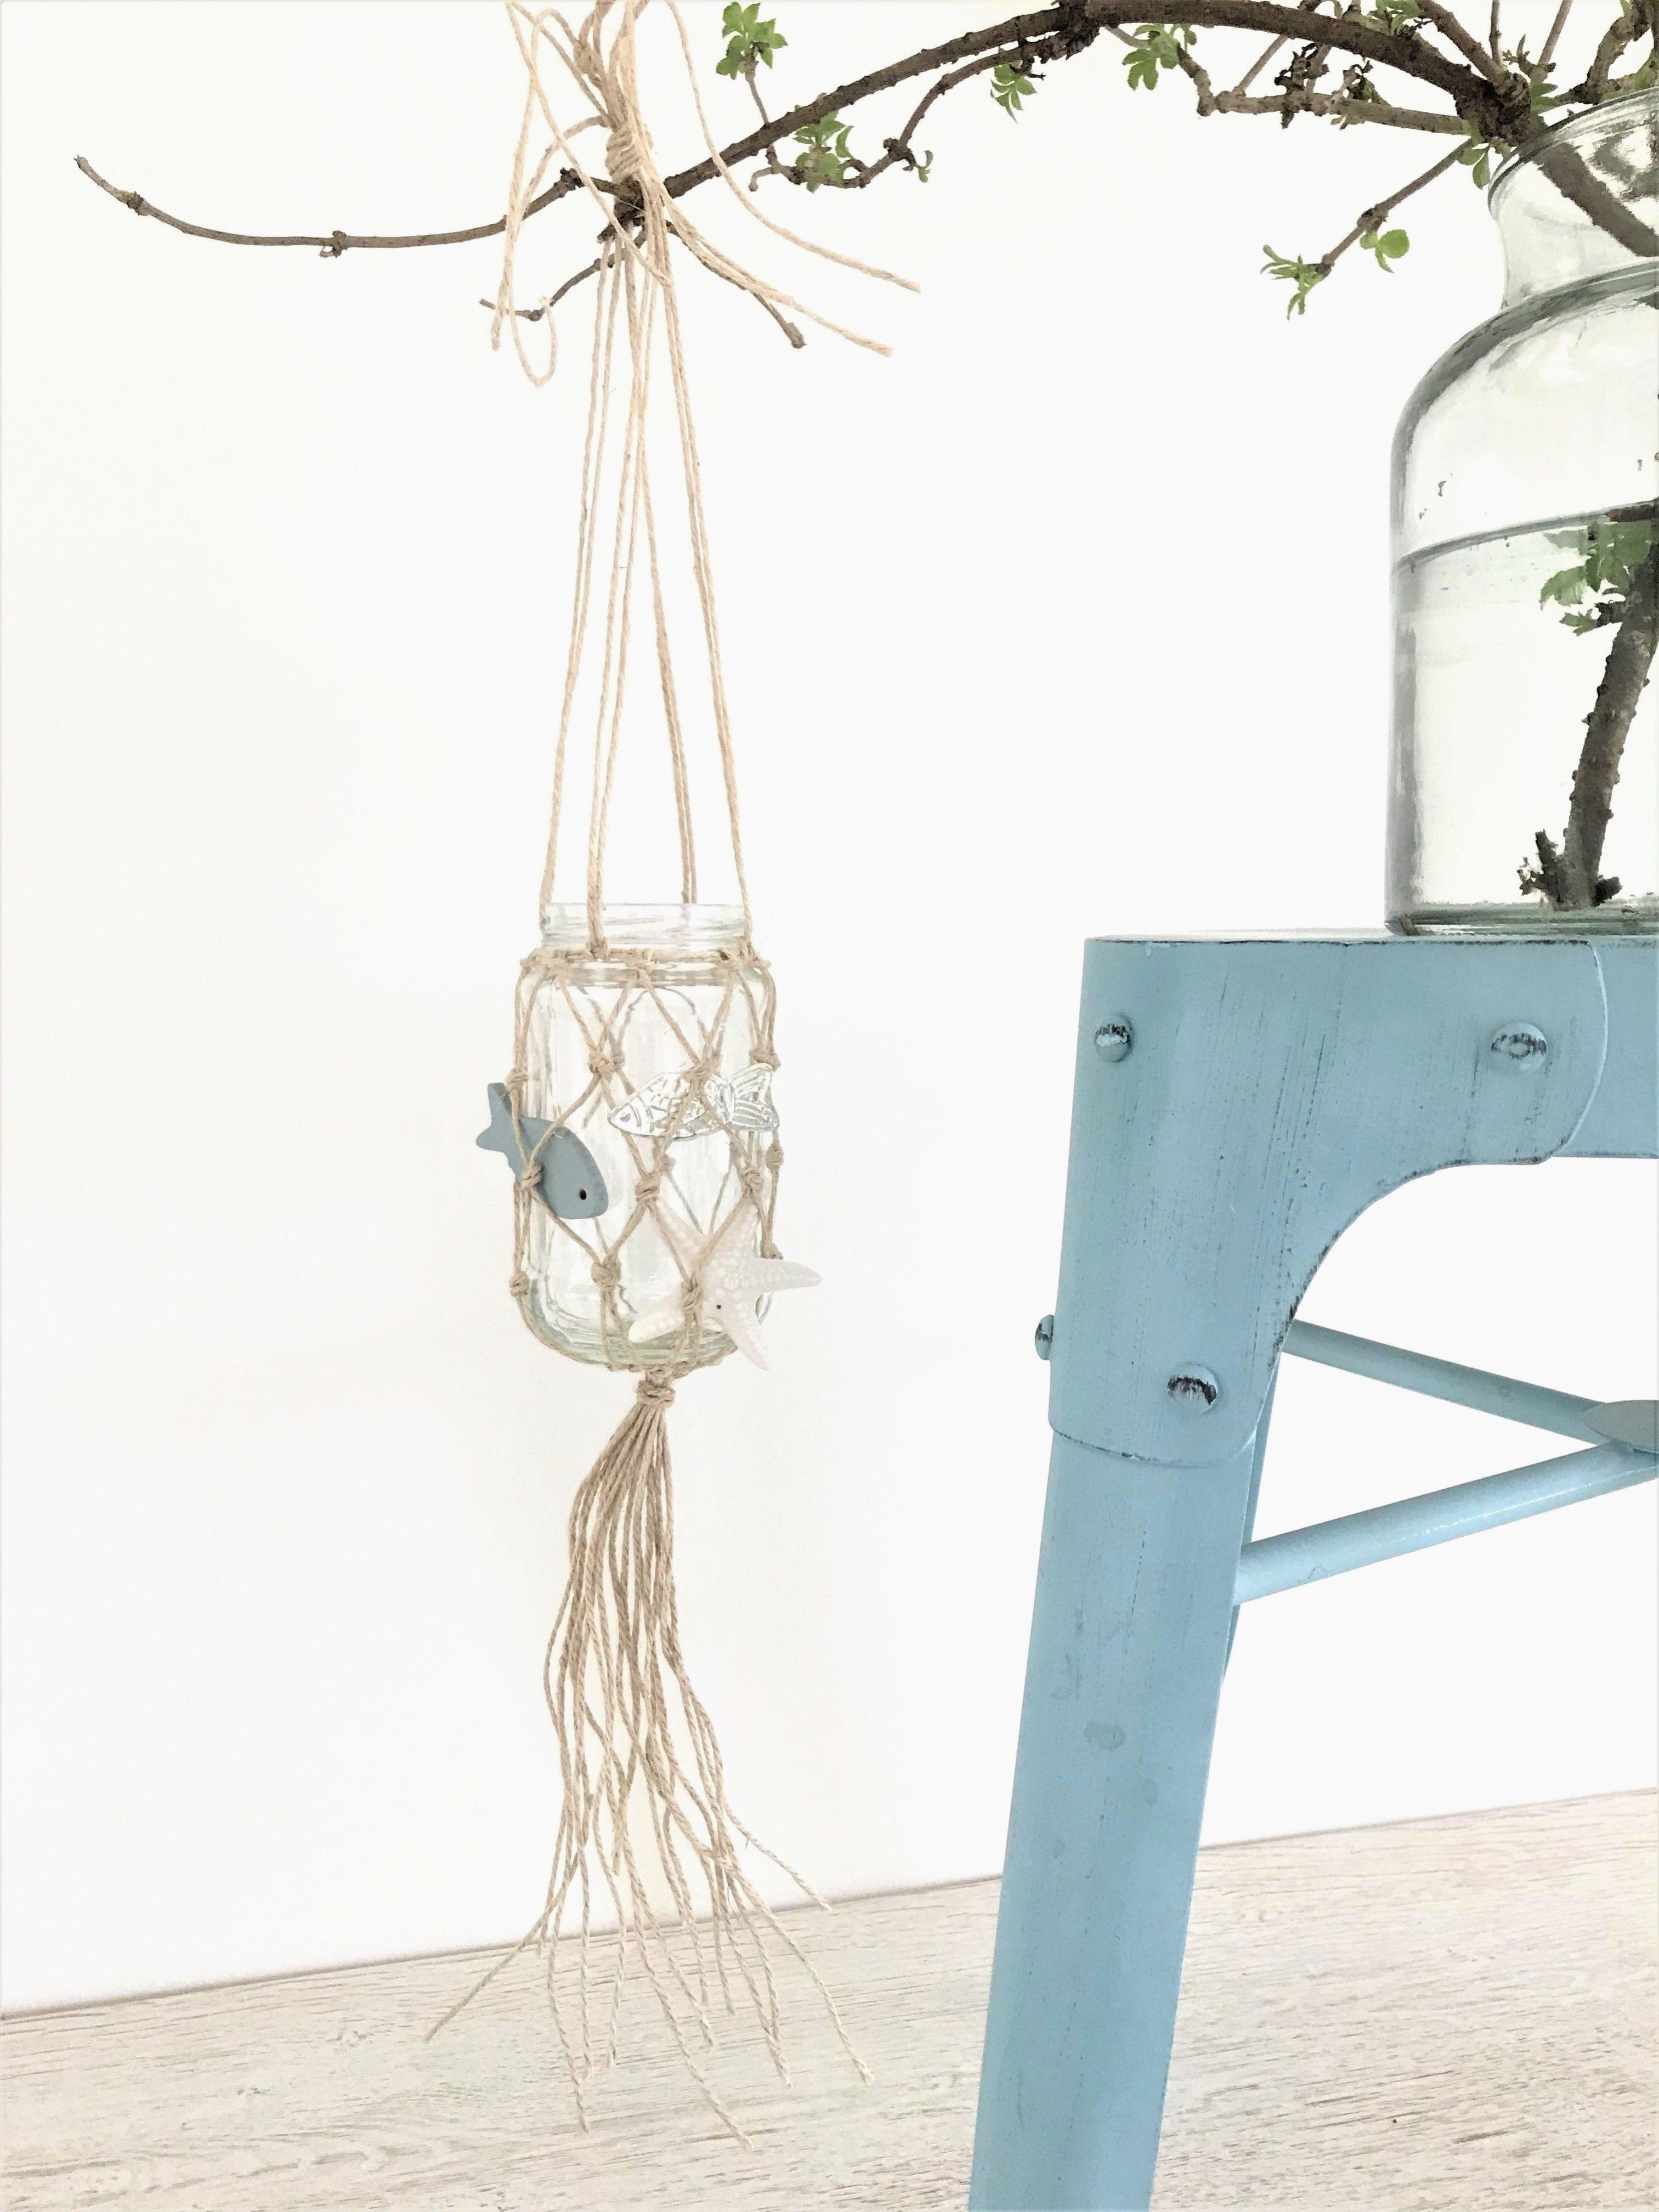 Diy makramee sommerdeko/ weckglas mit fischernetz als windlicht oder vase - chalet8